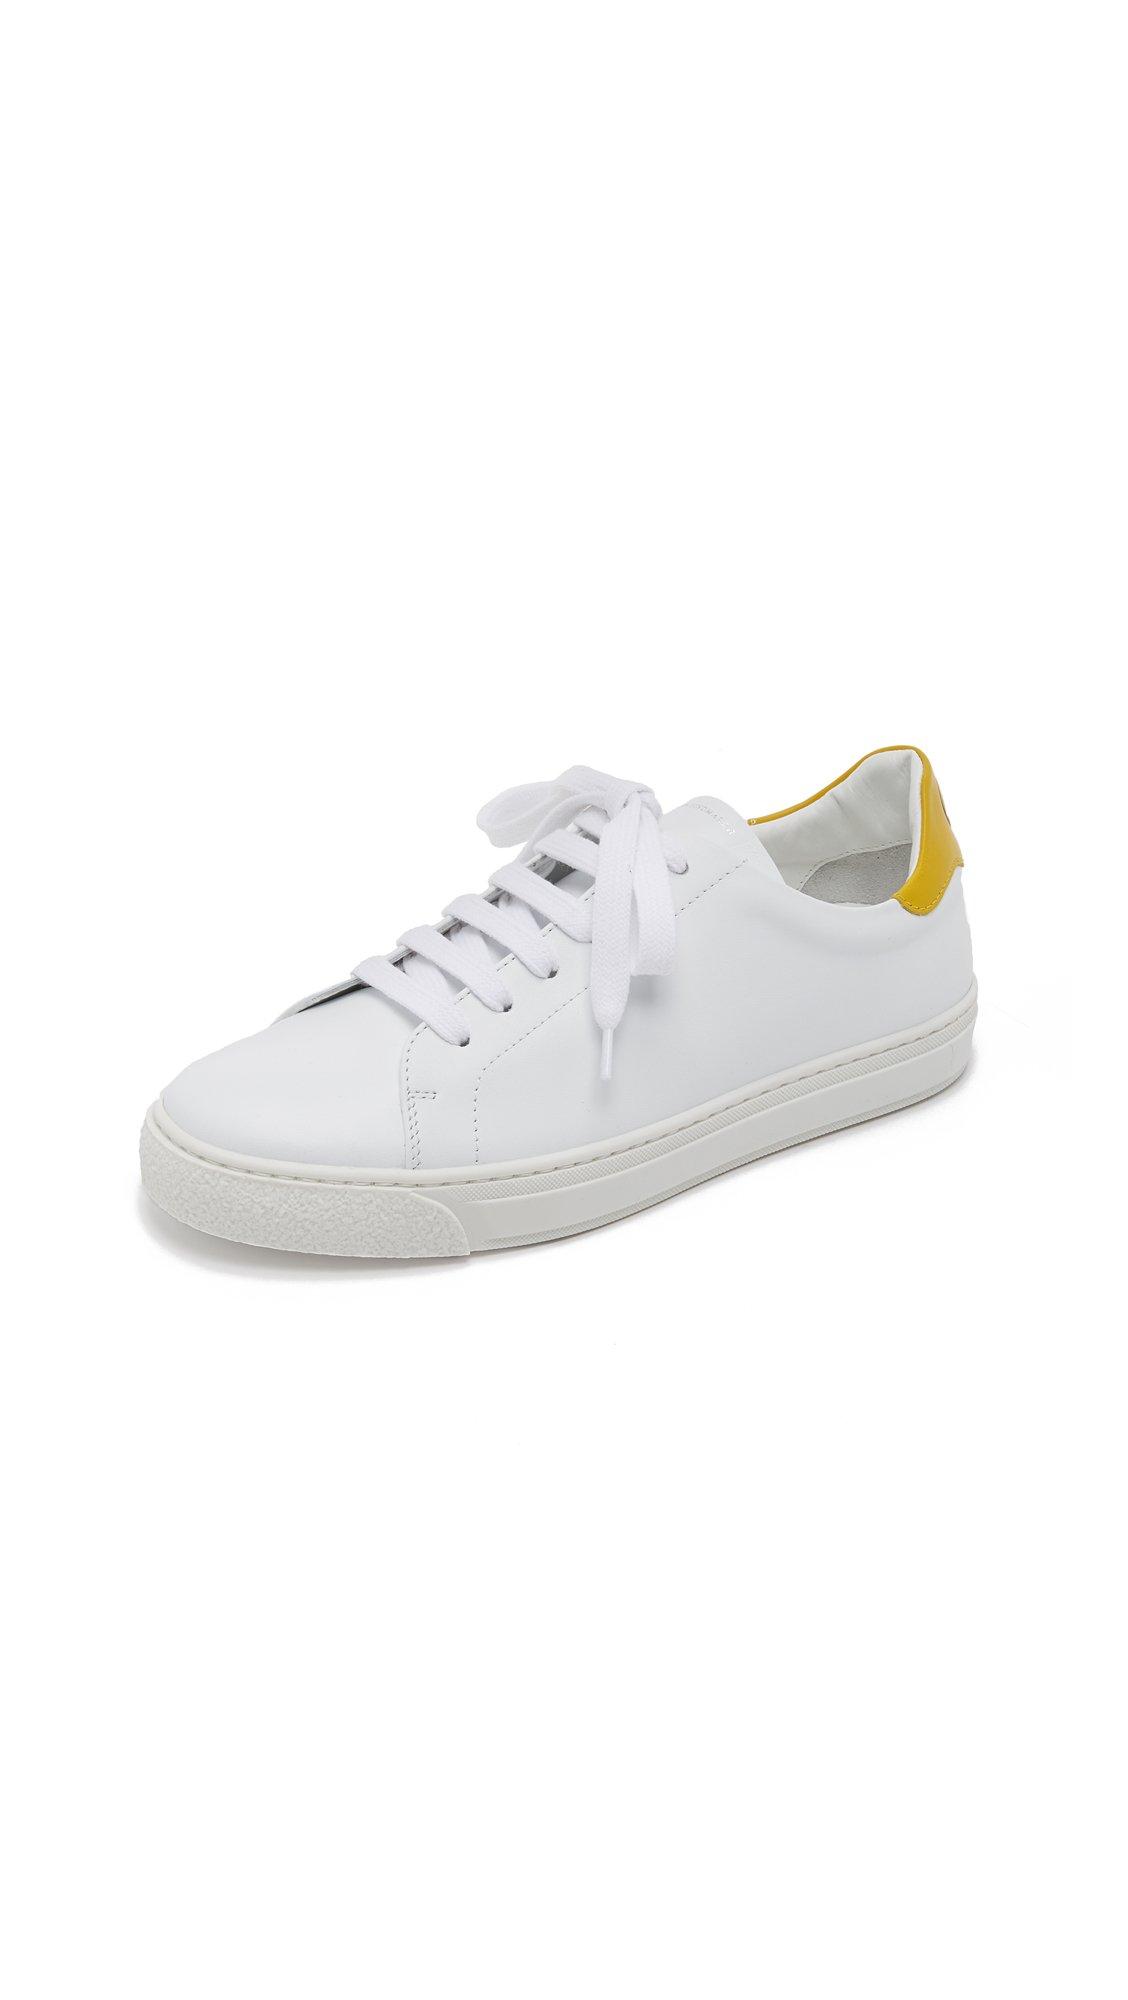 Tennis Shoes San Diego